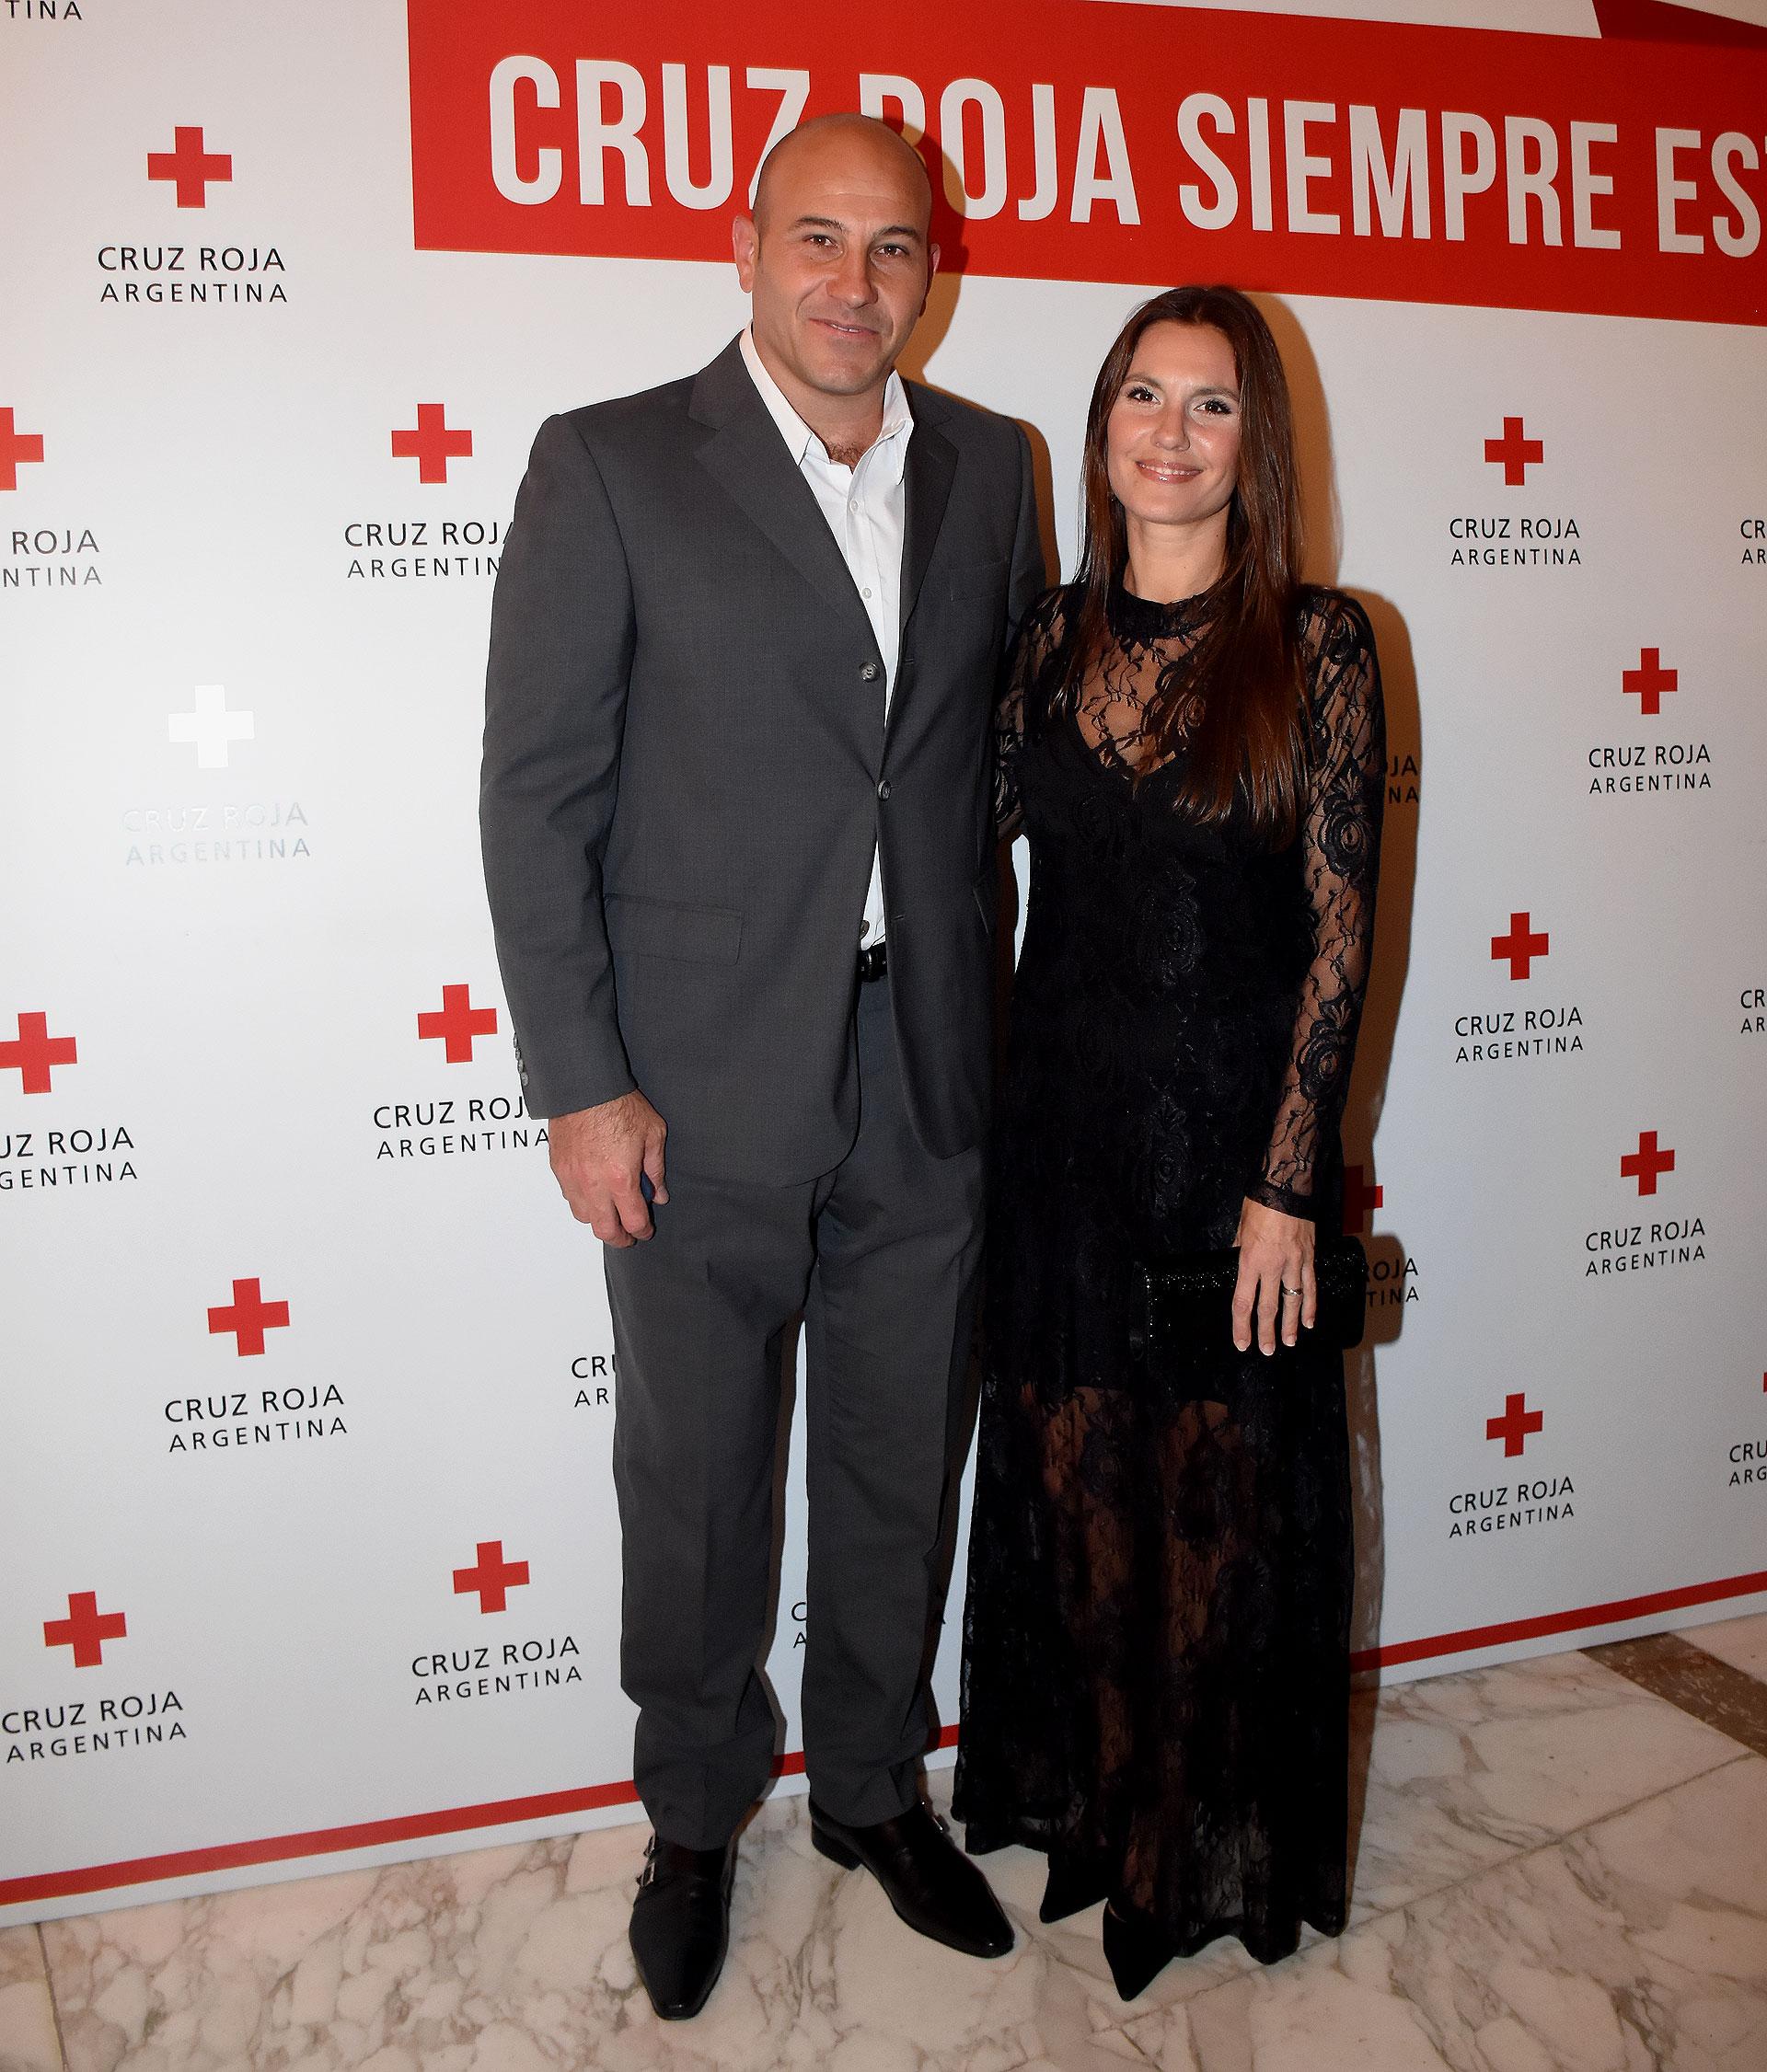 El intendente de Quilmes, Martiniano Molina, junto a su mujer, Ileana Luetic